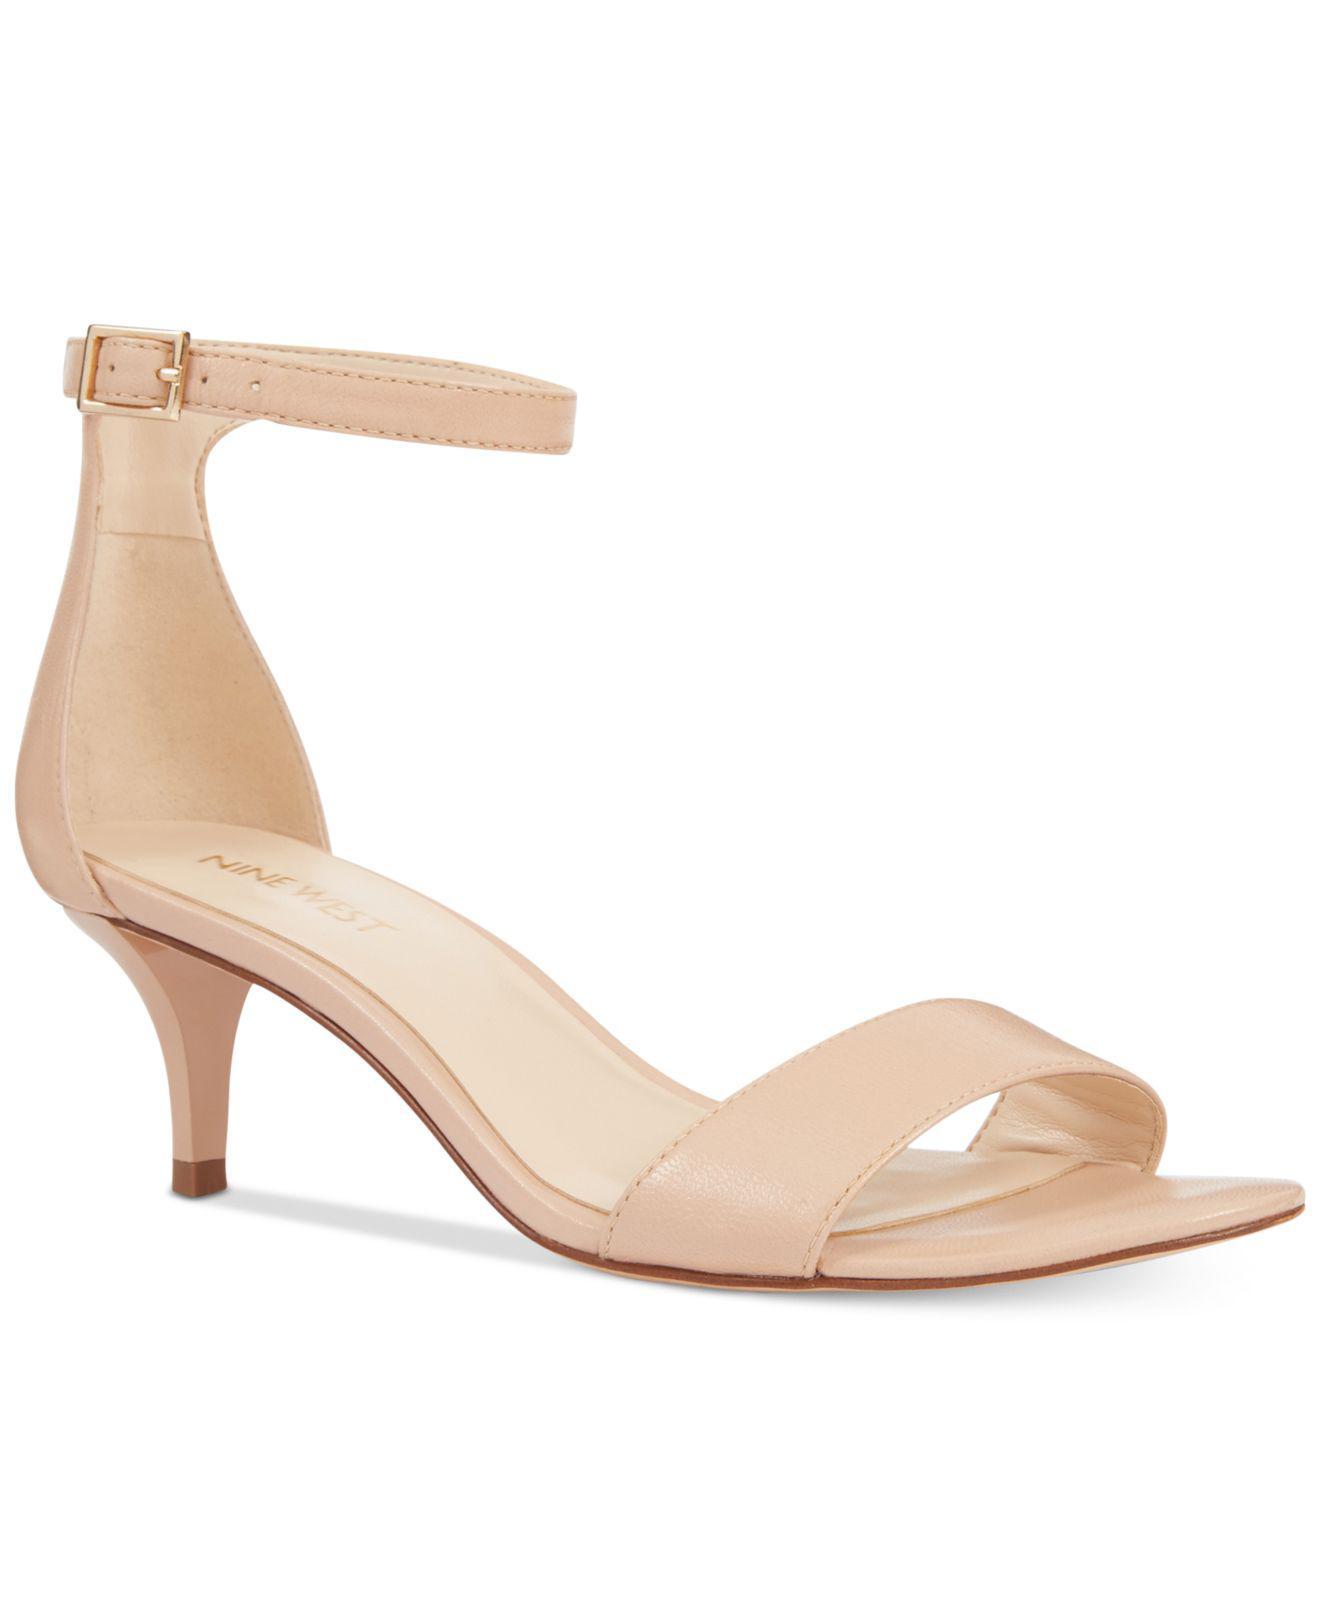 Nine West Leisa Two-Piece Kitten Heel Sandals Women's Shoes dKODa5Q